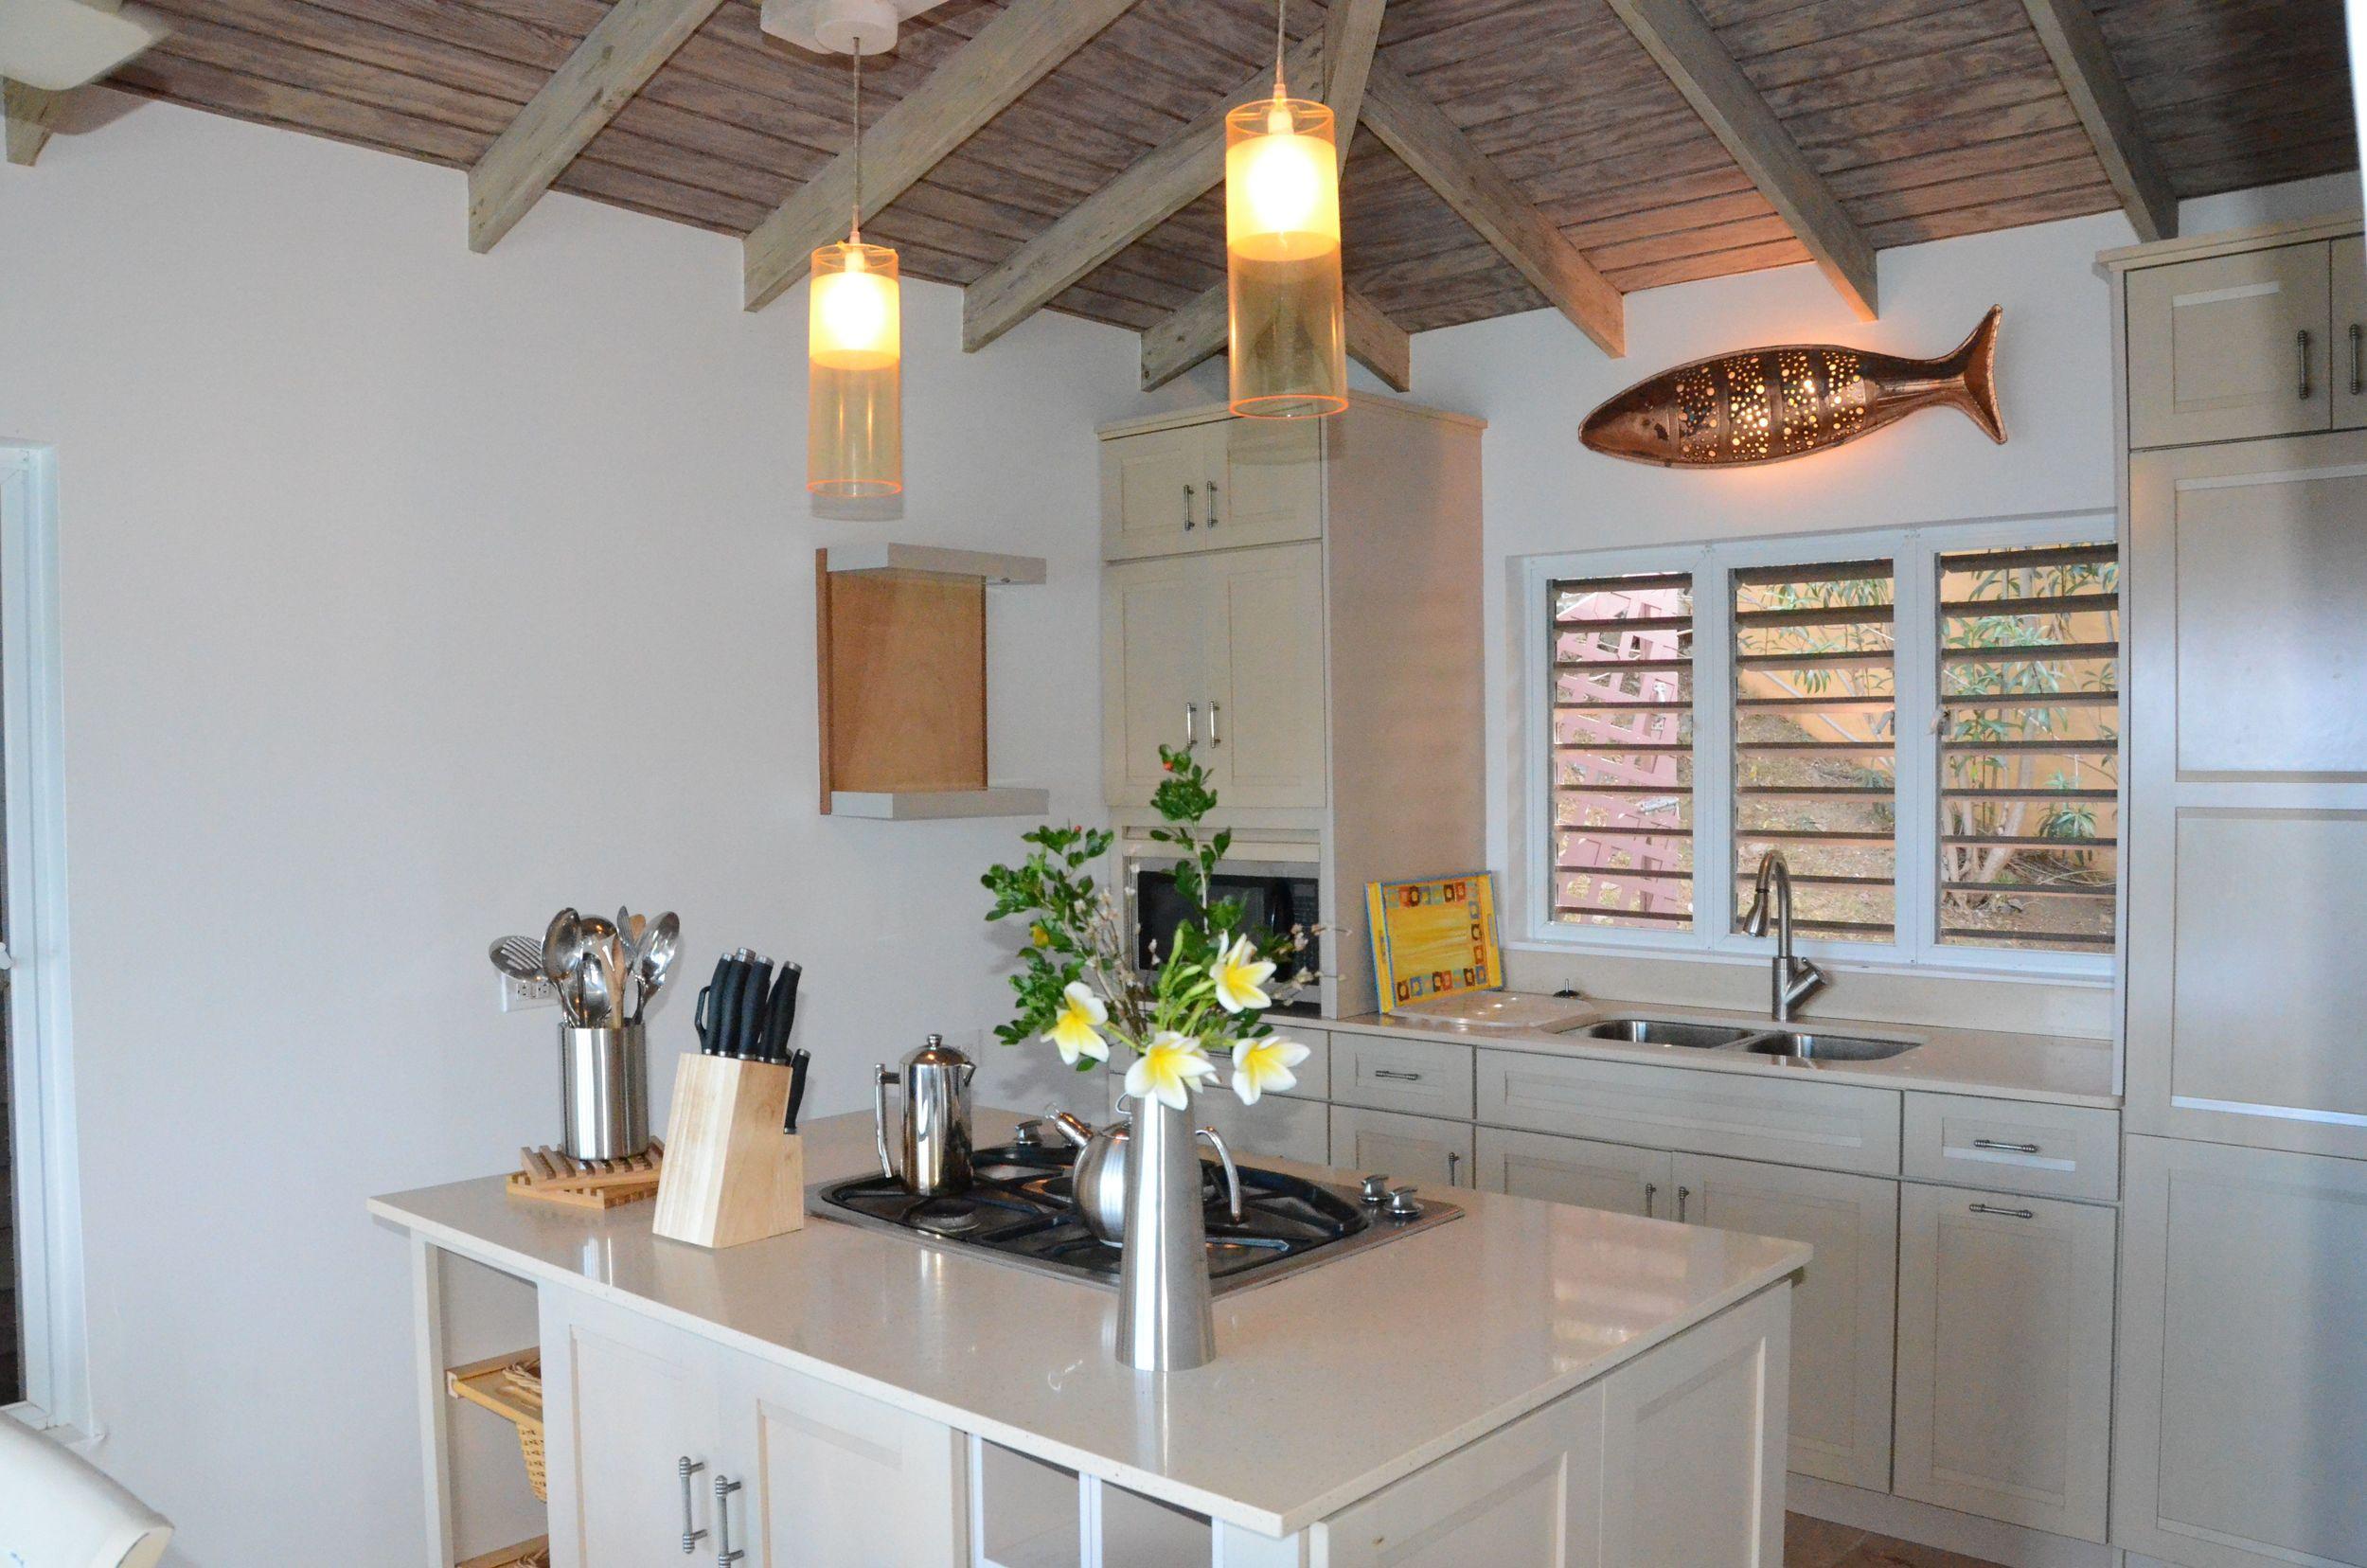 Frenchmans Kitchen.jpg